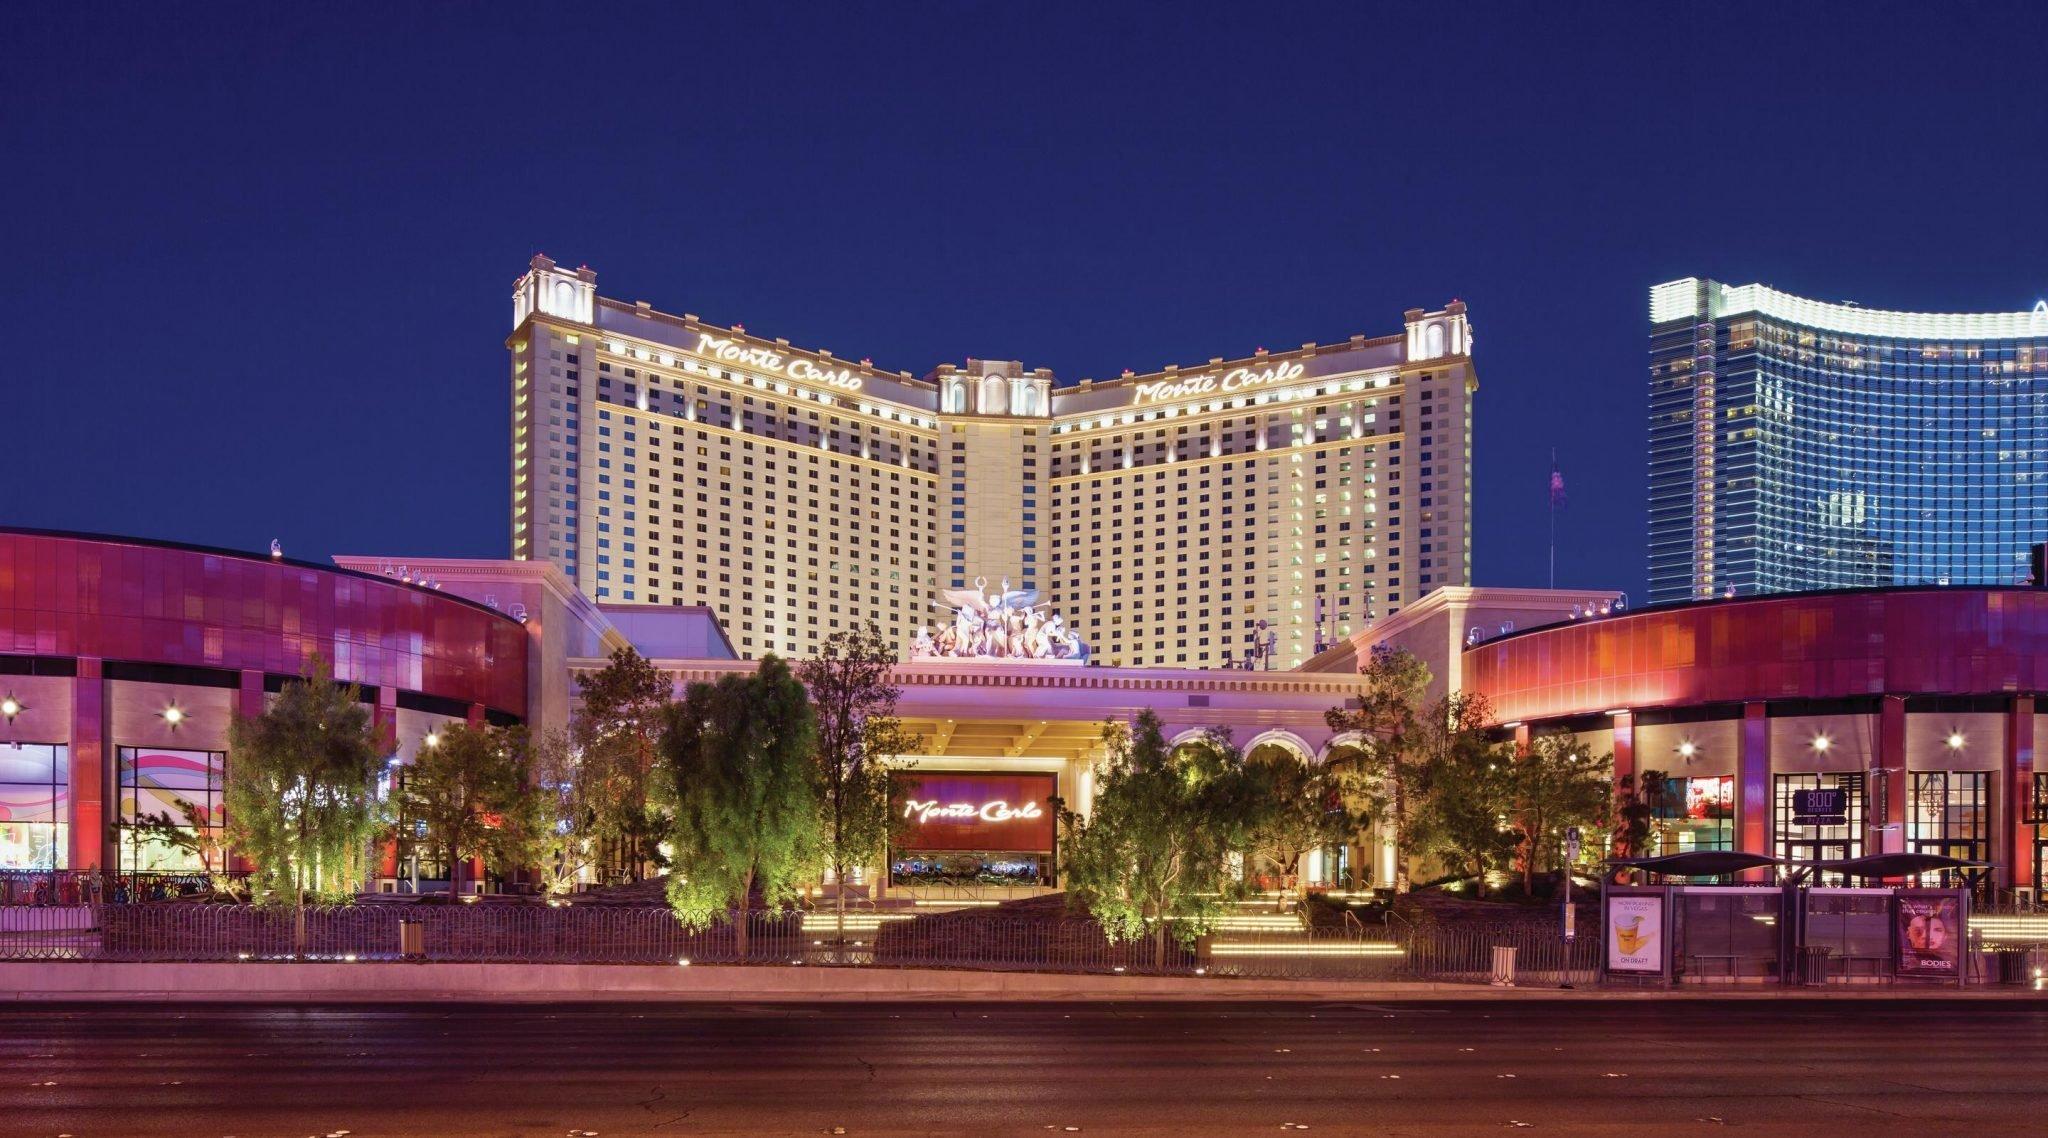 Monte Carlo Hotel Cassino